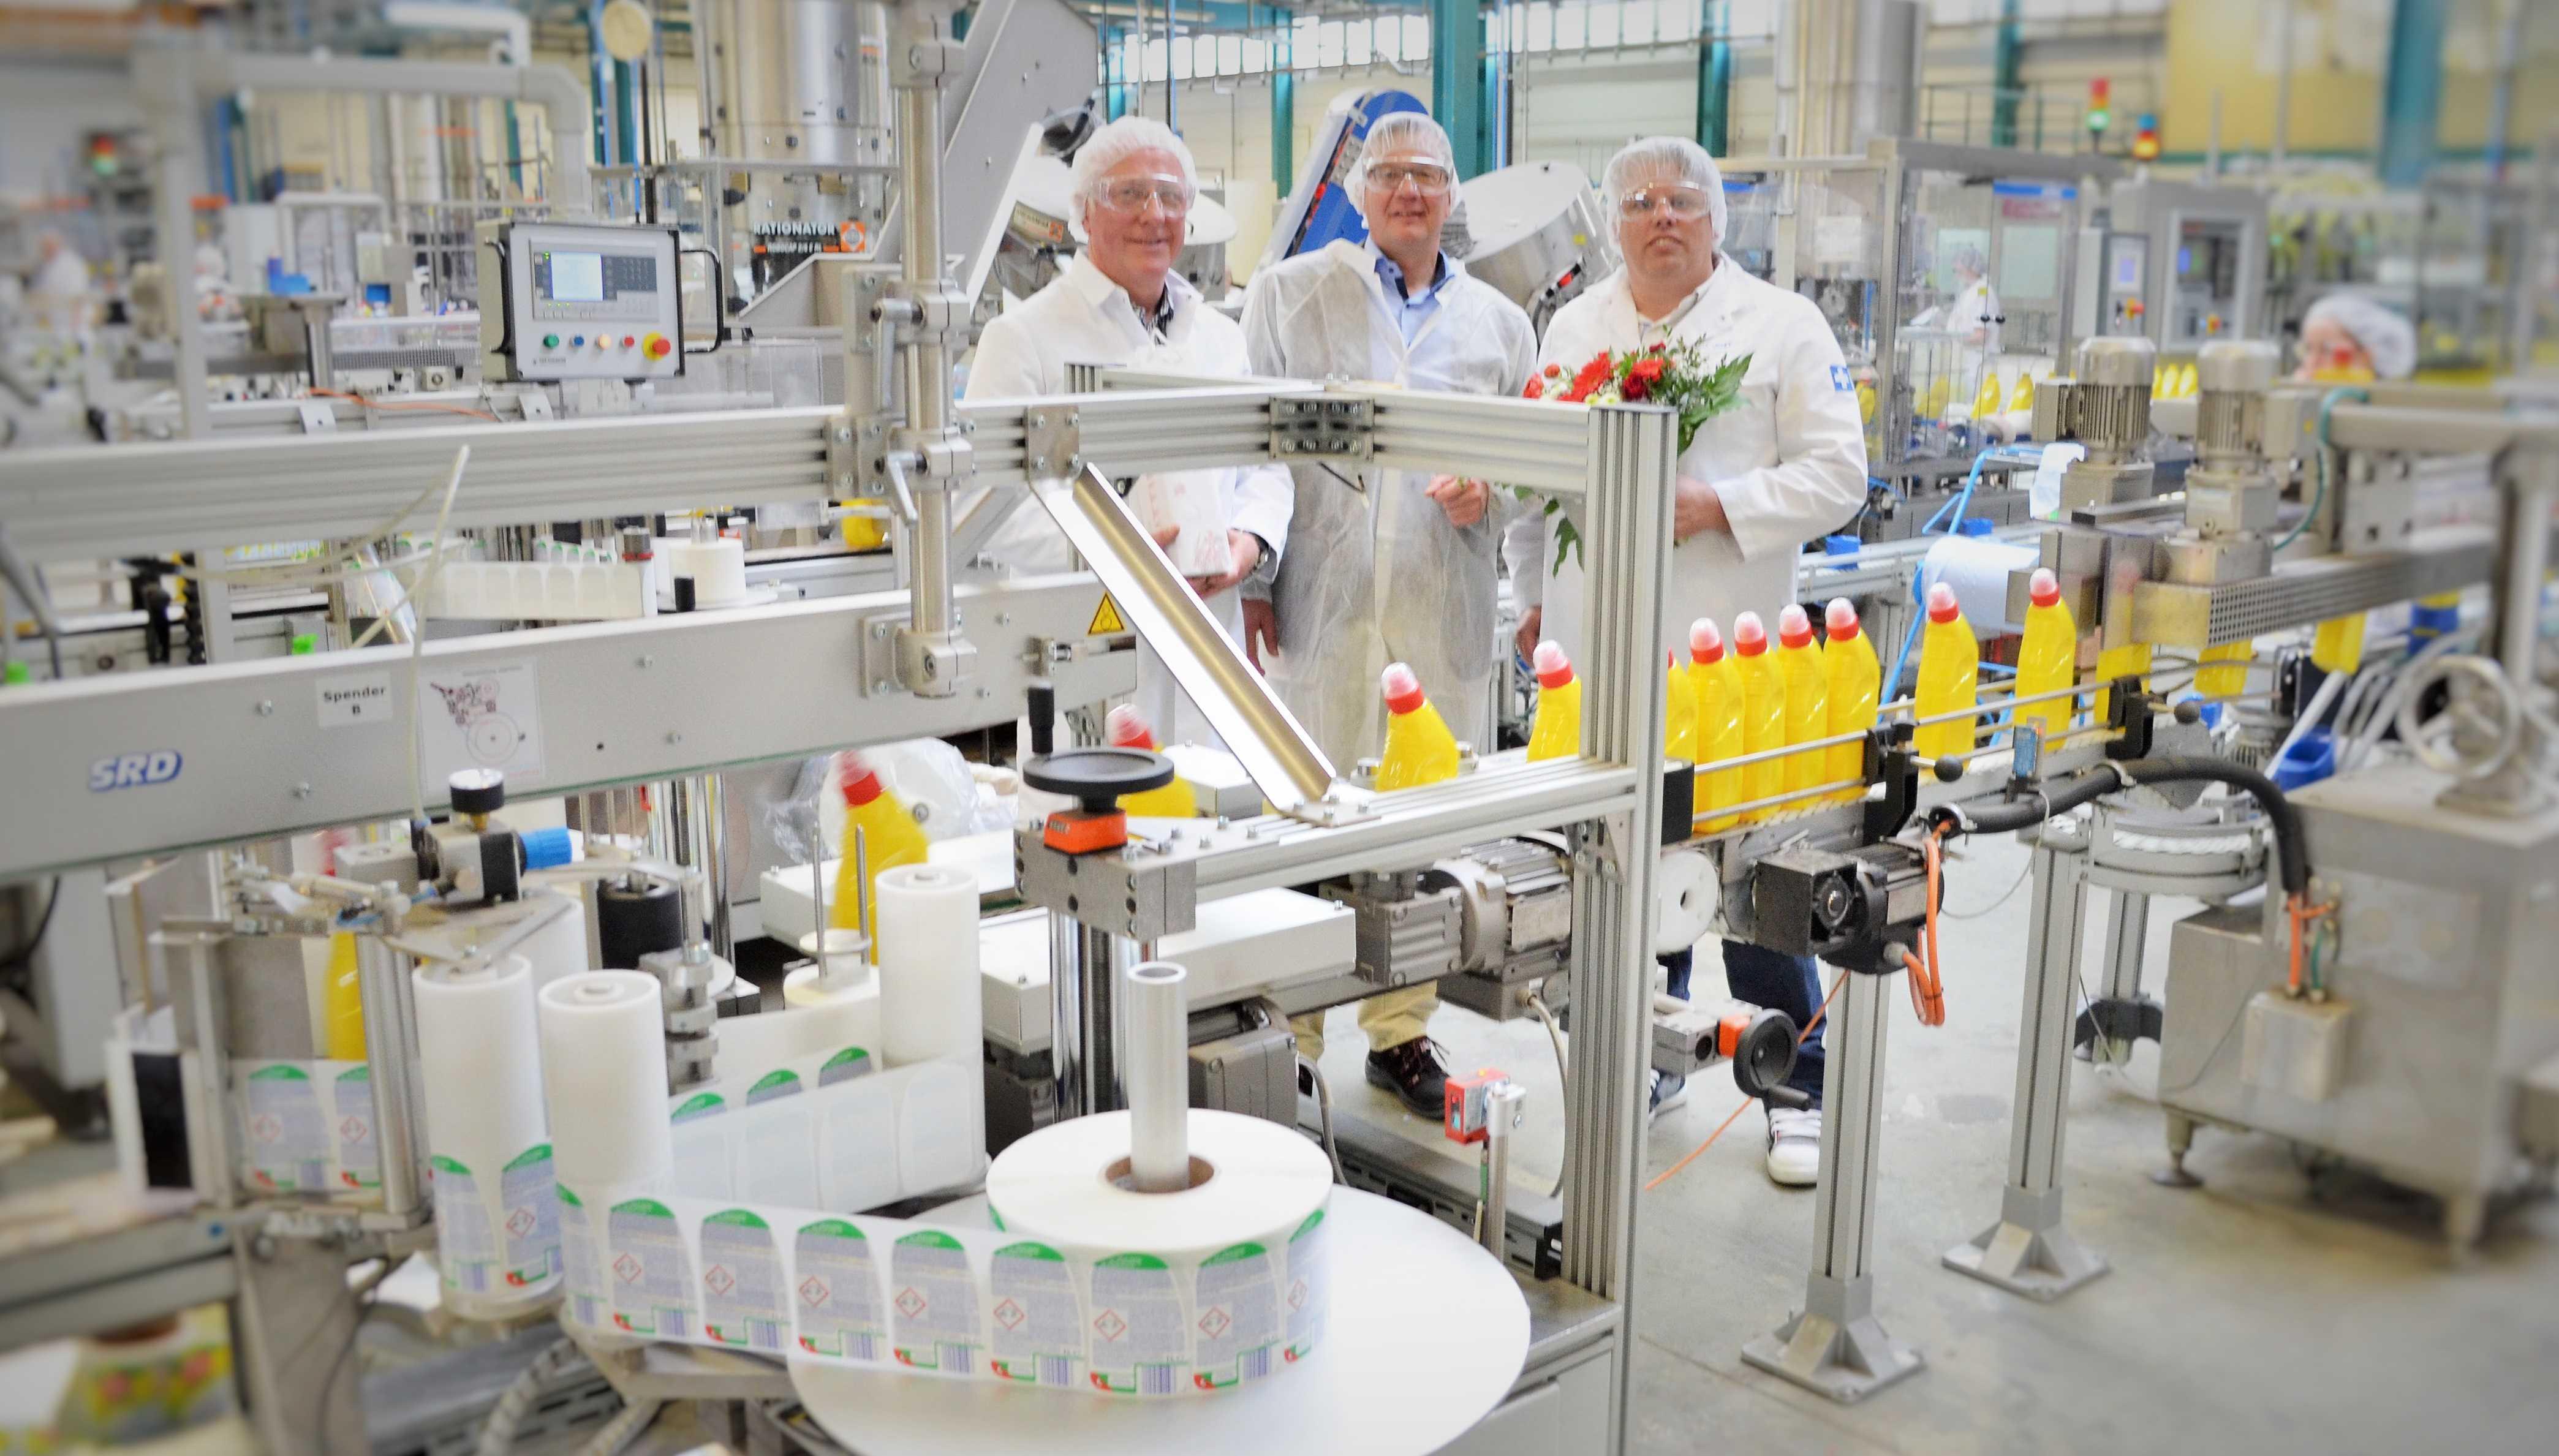 Übergabe Flaschenetikettierer